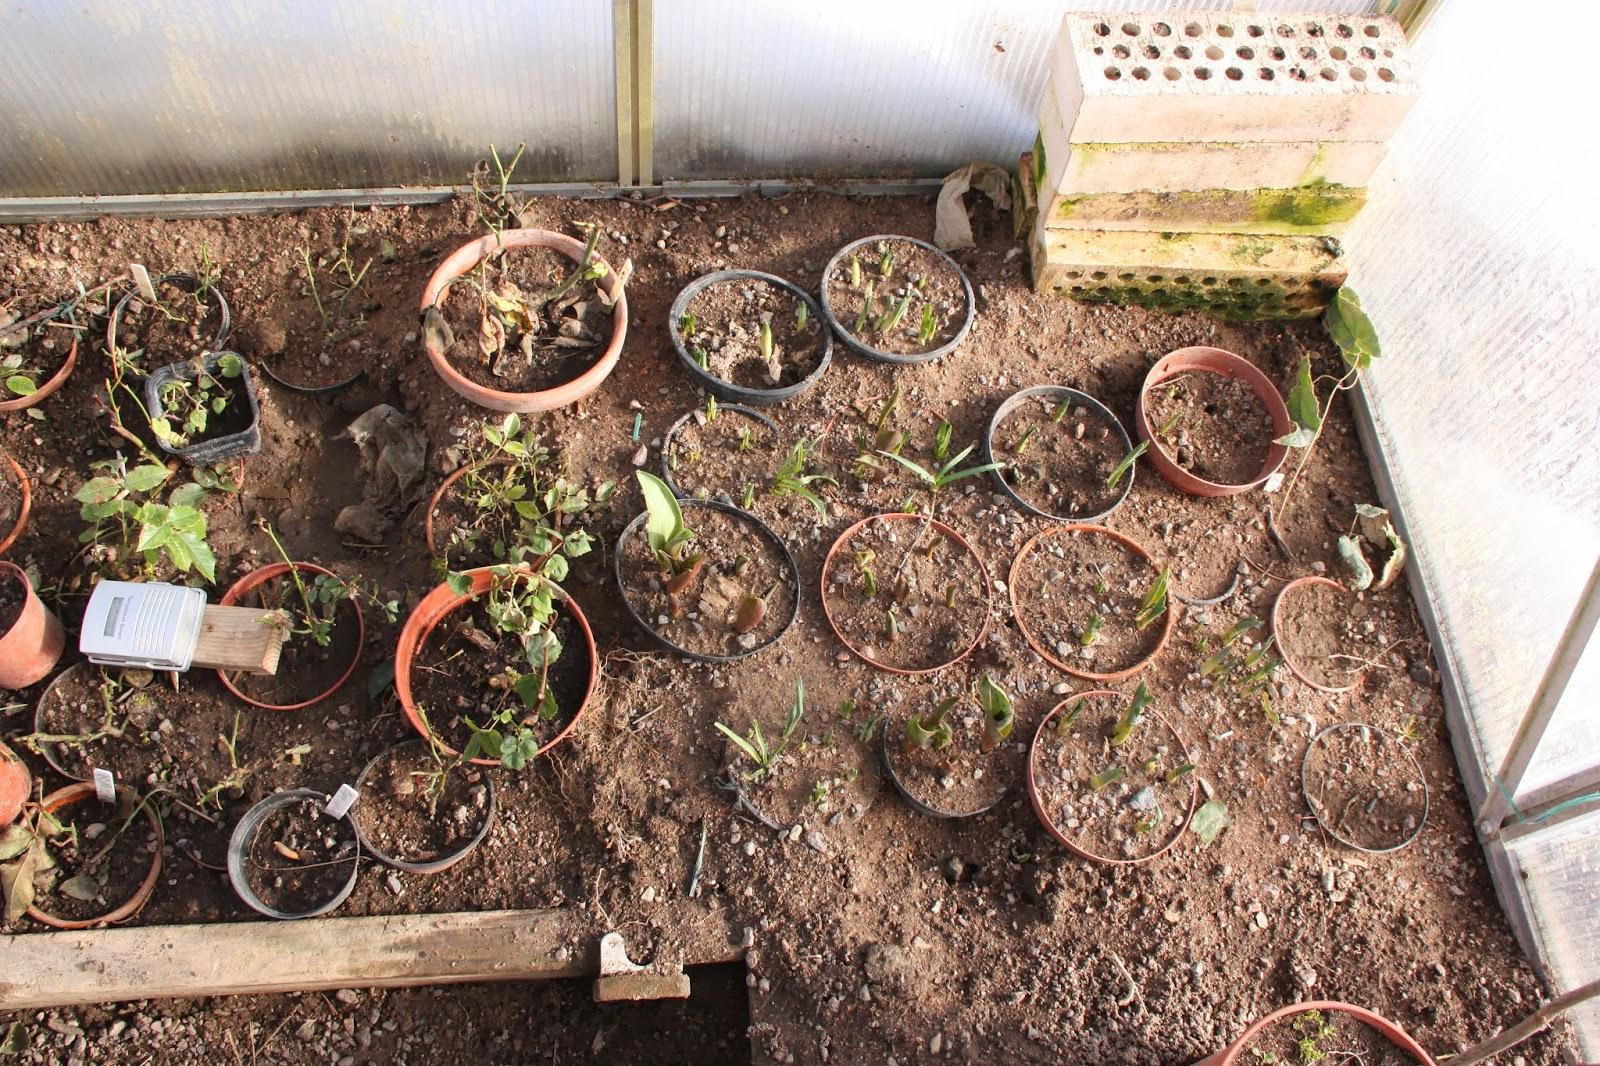 Växthus Odla : I huvudet på en trädgårdsmästare hobbyväxthus